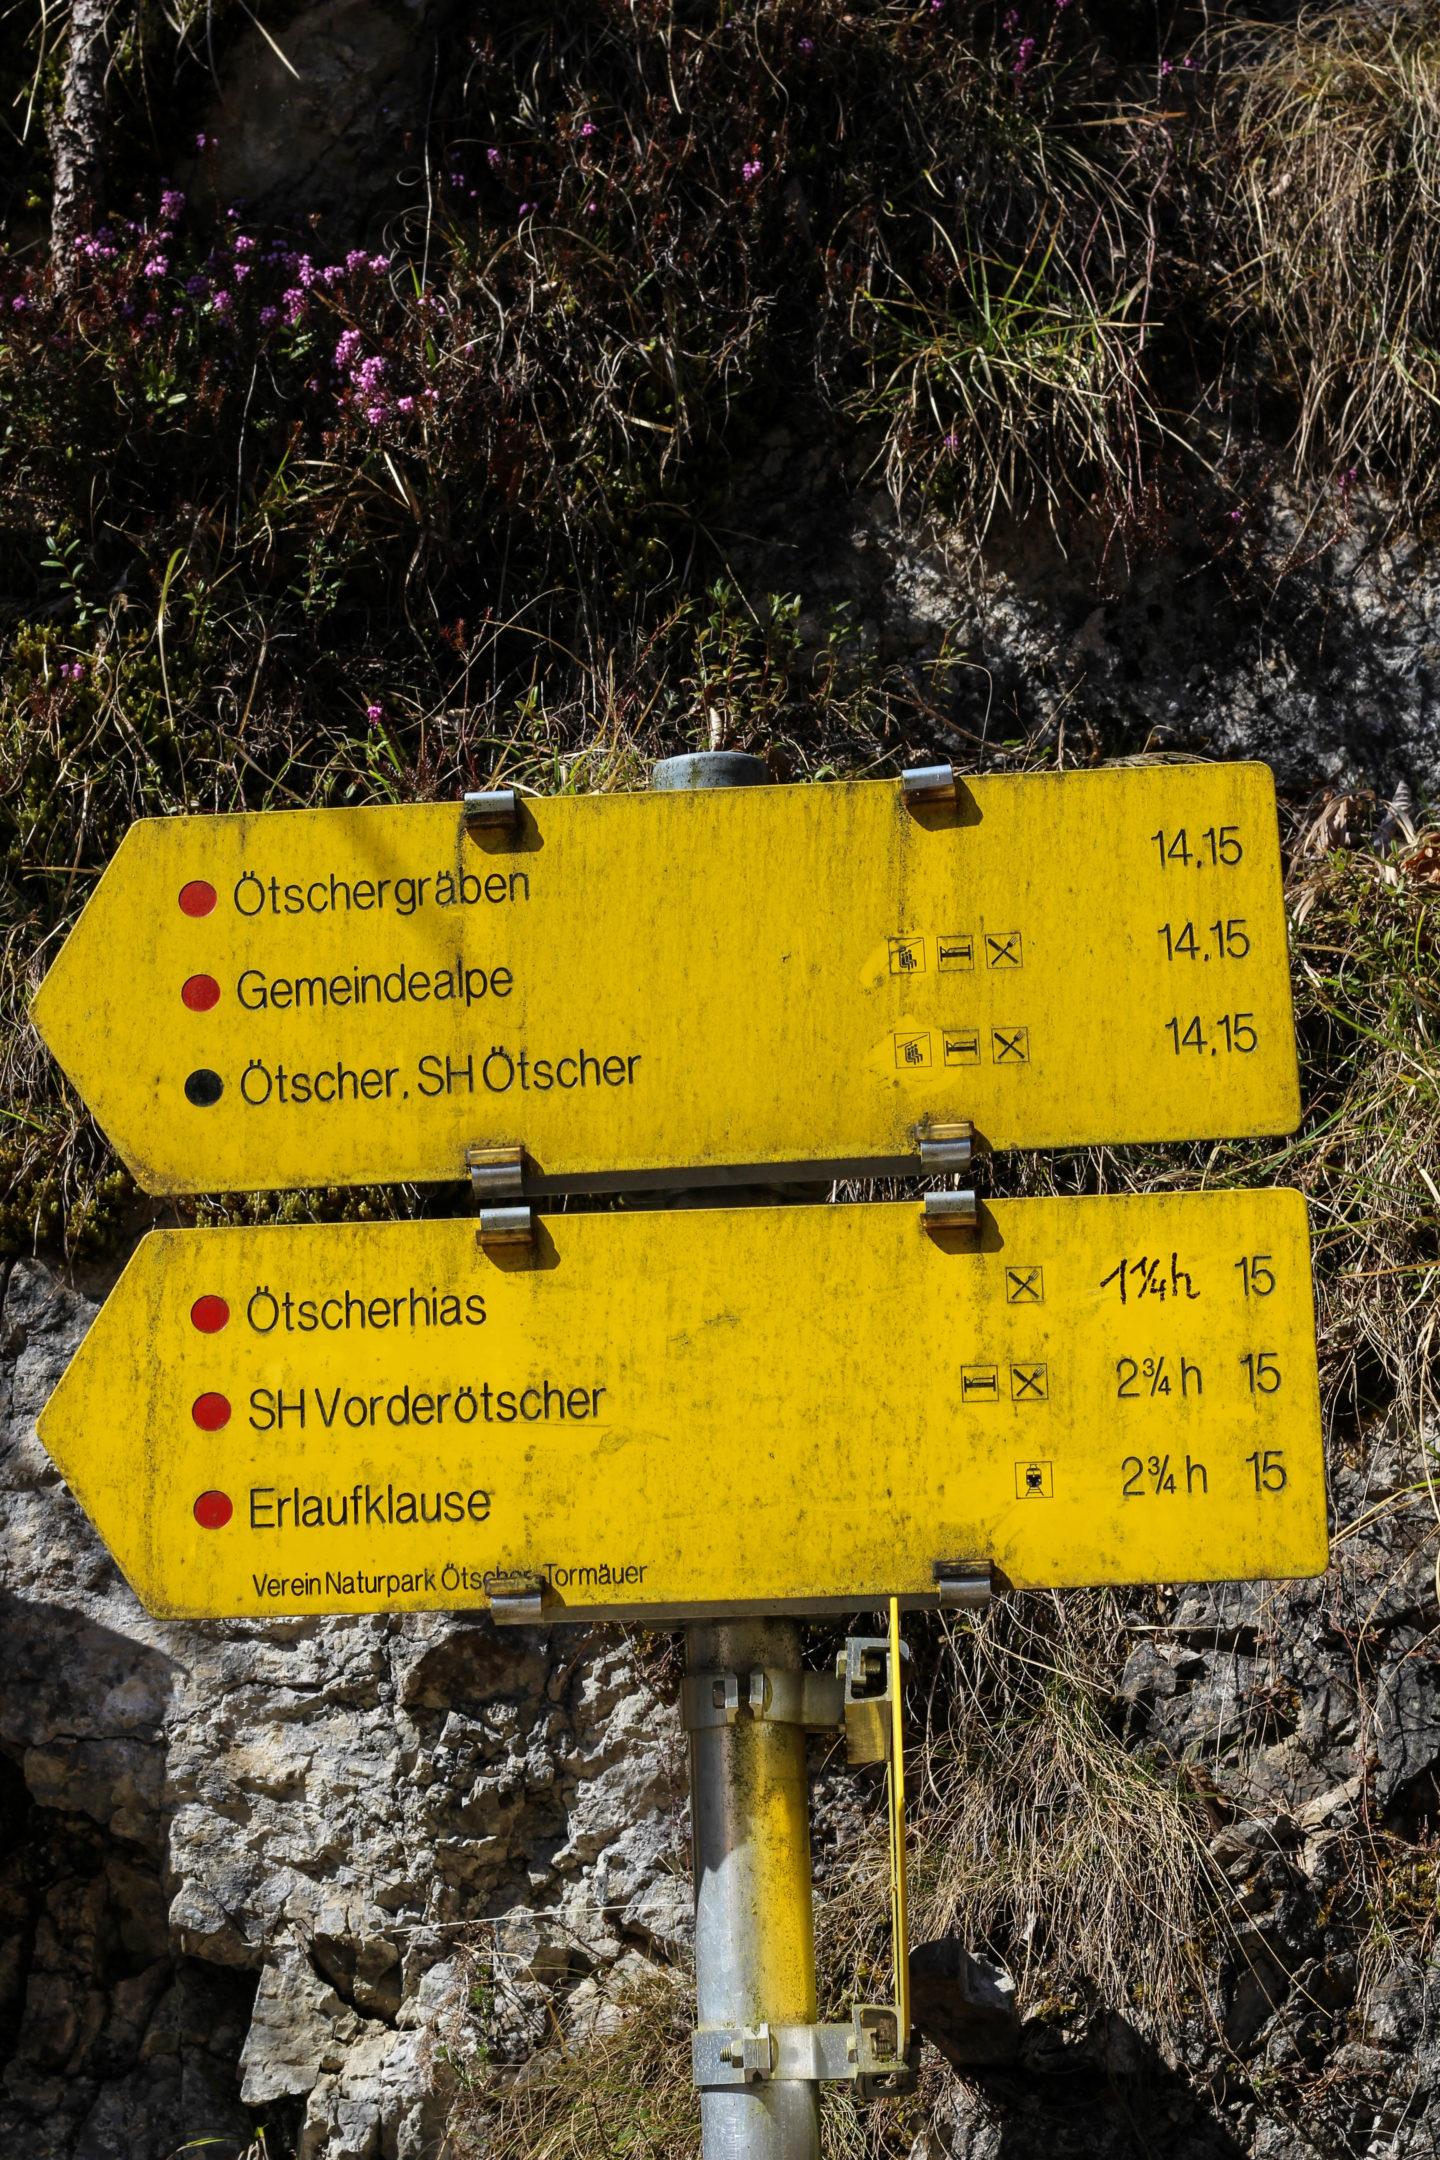 Homespa, Vegan, Mostviertel, Natur, Ötschergräben, Abenteuer, Österreich, Austria, Wanderlust, Wandern, Mountains, Berge, Schluchten, Klamm